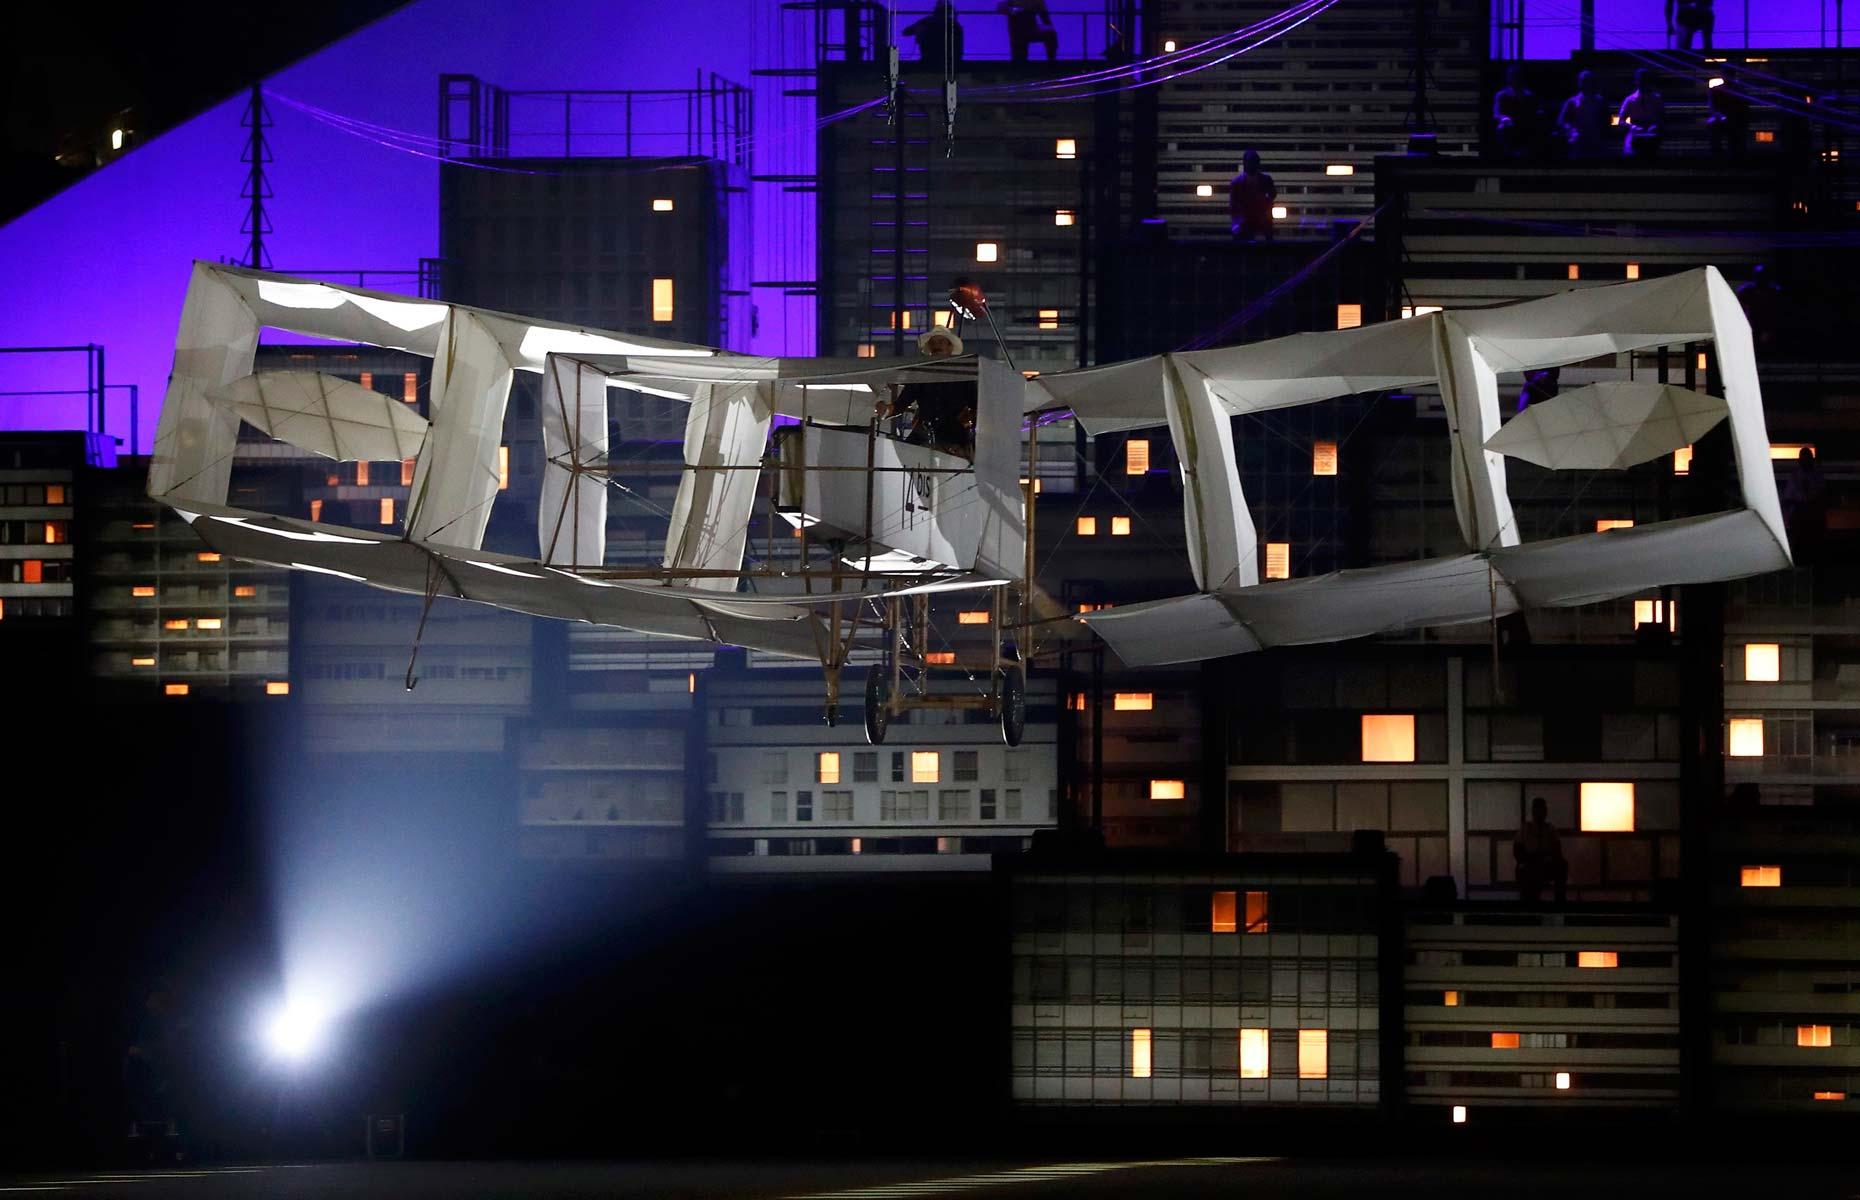 Réplica do 14 Bis, primeiro avião e inventado pelo brasileiro Santos Dumont, 'voa' pelo Maracanã